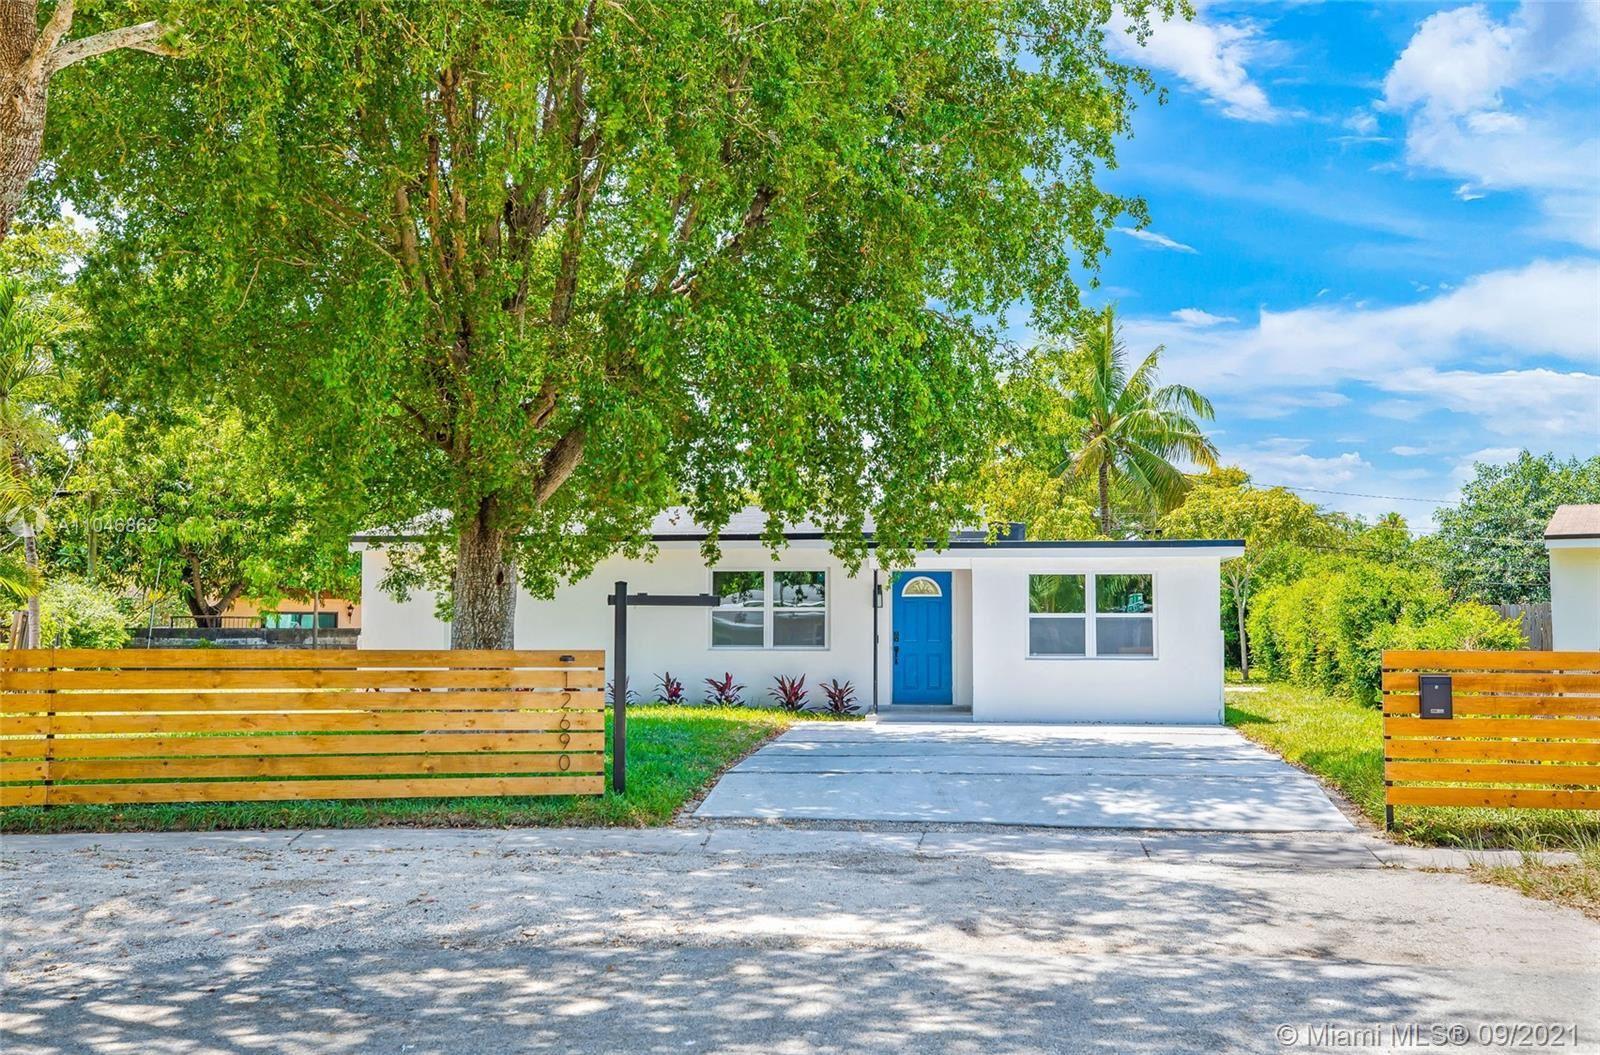 12690 NW 1st Ct, North Miami, FL 33168 - #: A11046862